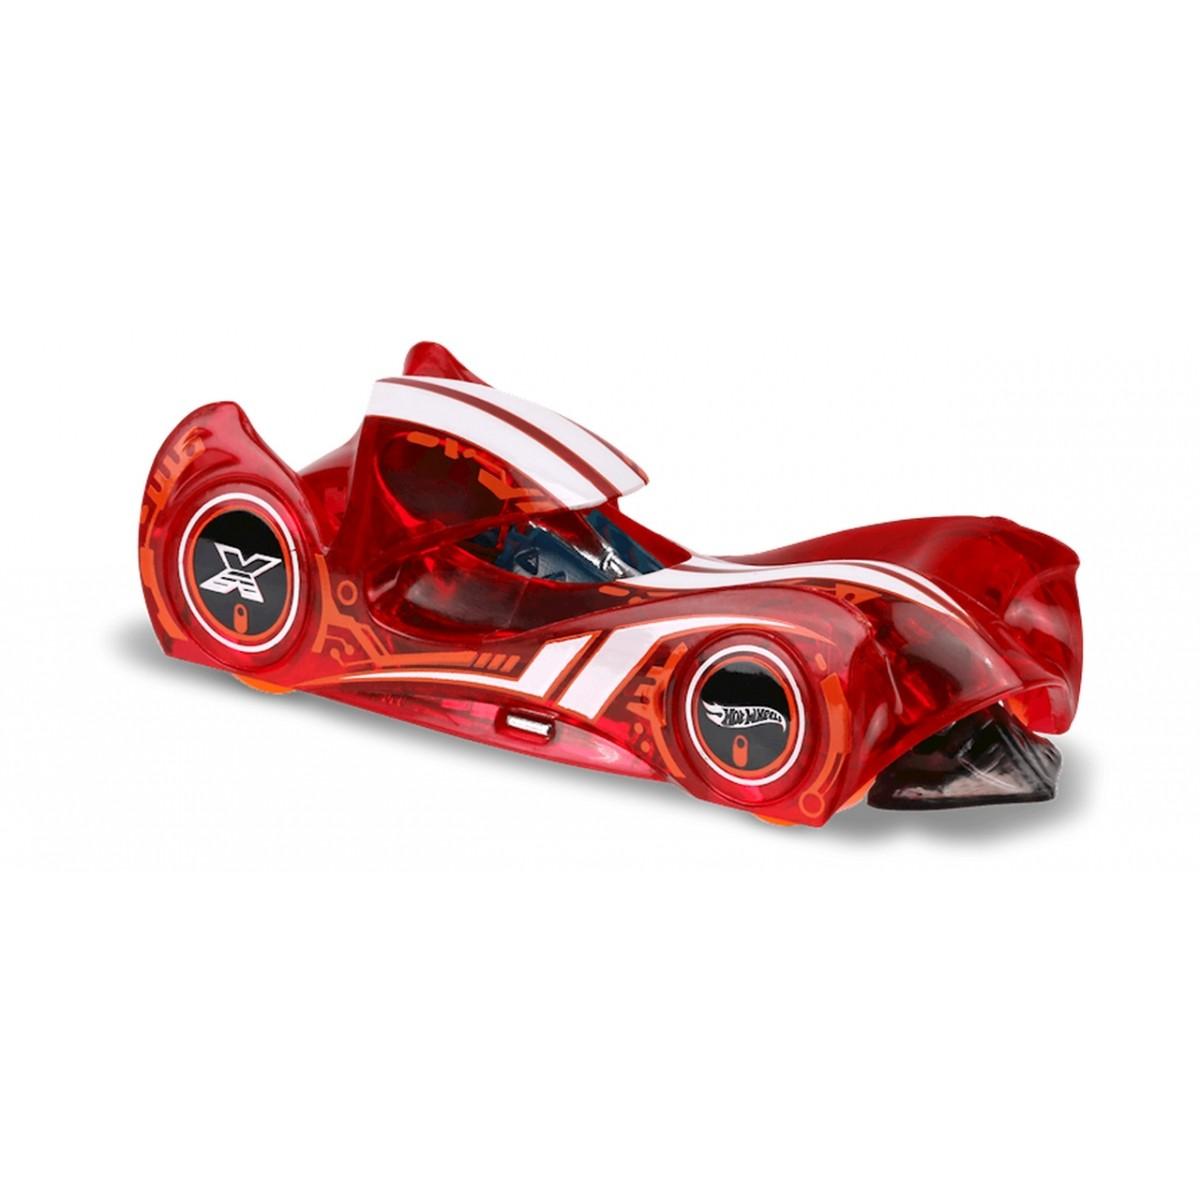 Carrinho Hot Wheels: Cloak and Dagger Vermelho